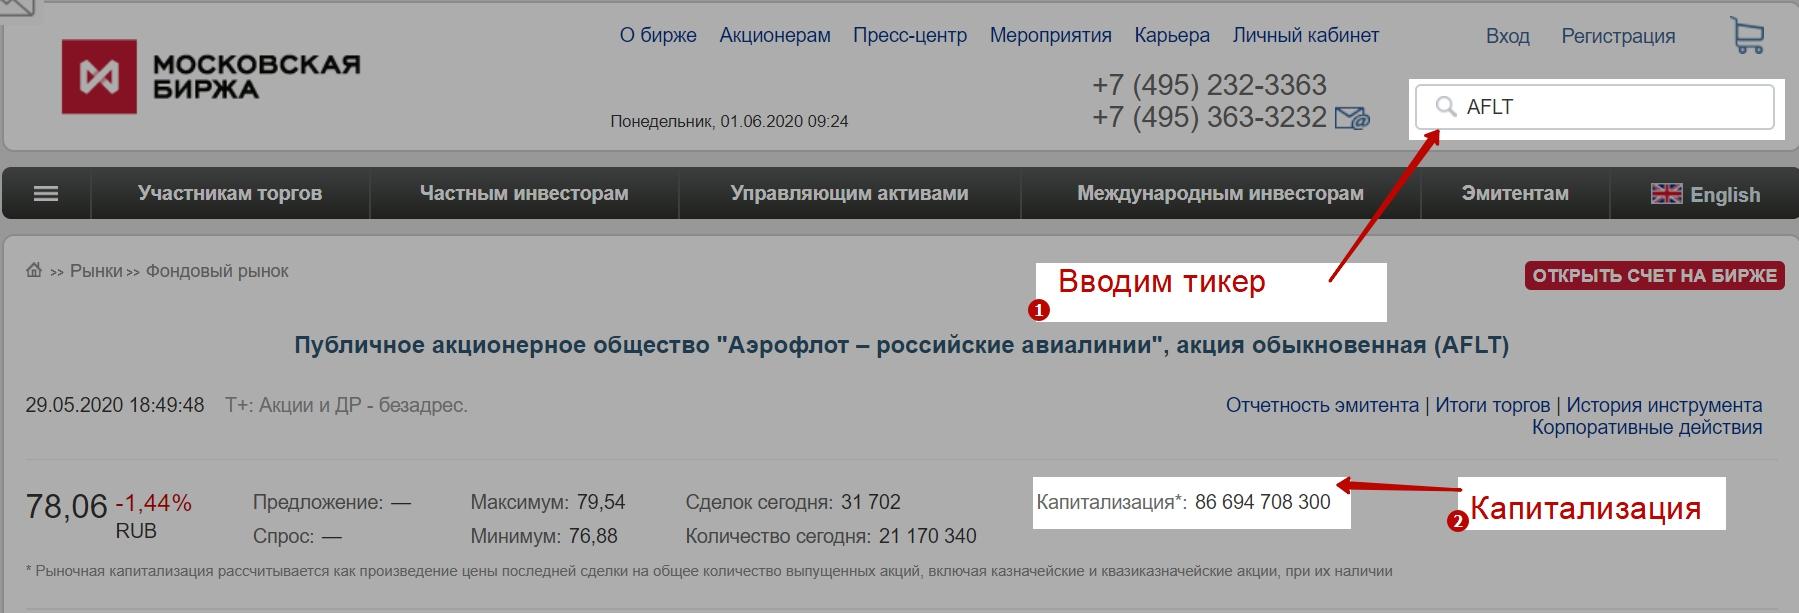 Первый способ узнать капитализацию компании через Московскую биржу